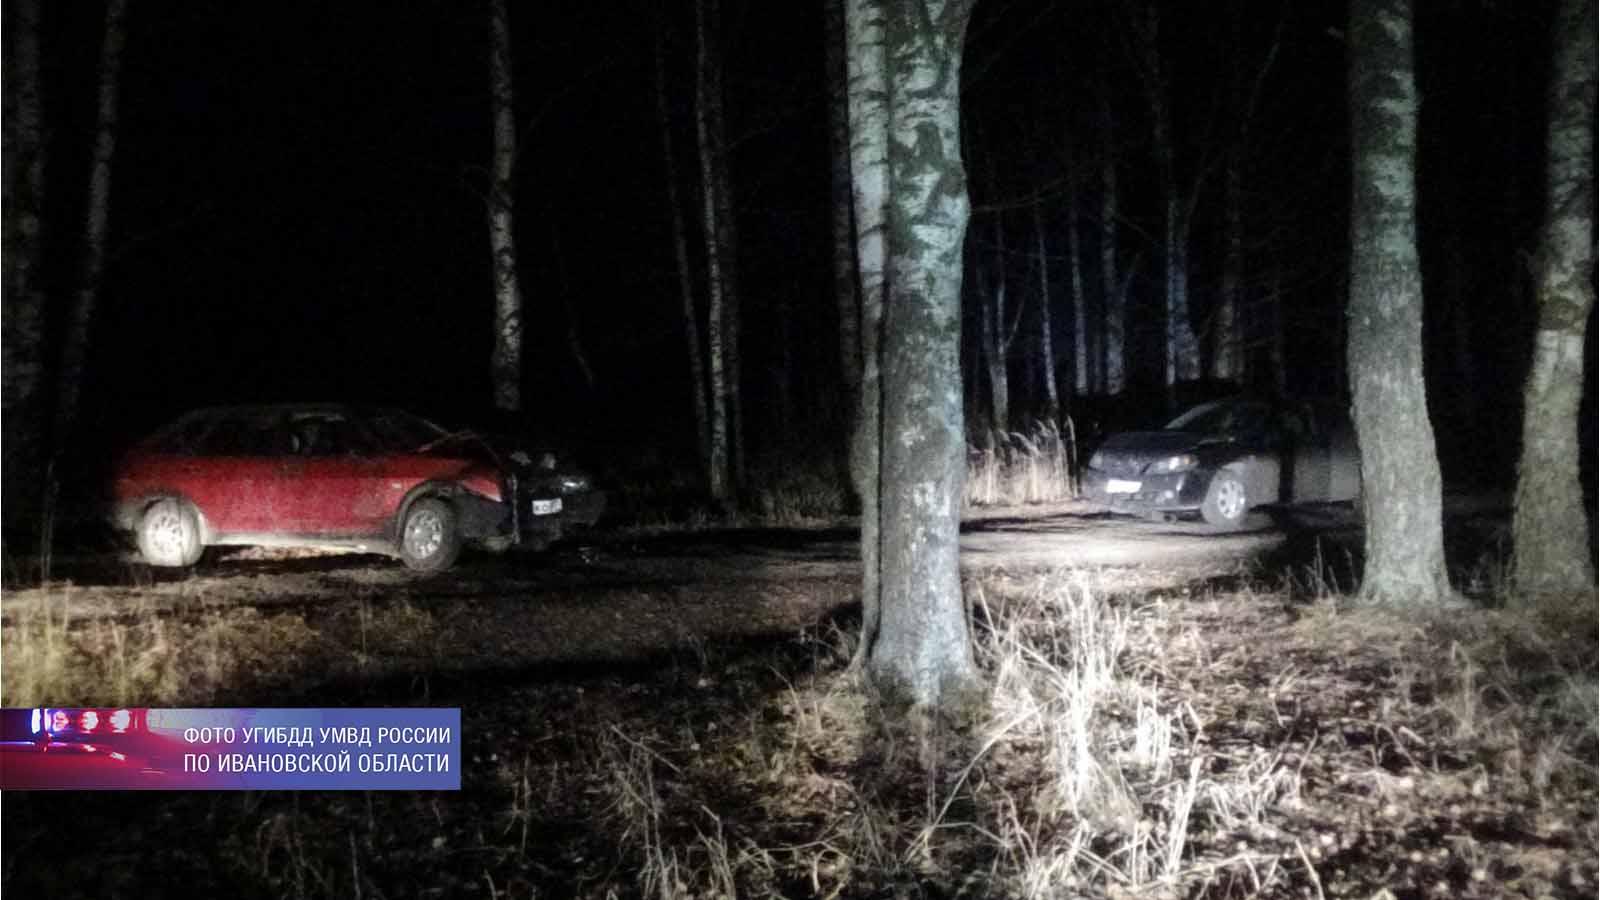 В Кинешме два человека пострадали в ДТП со сбежавшим водителем